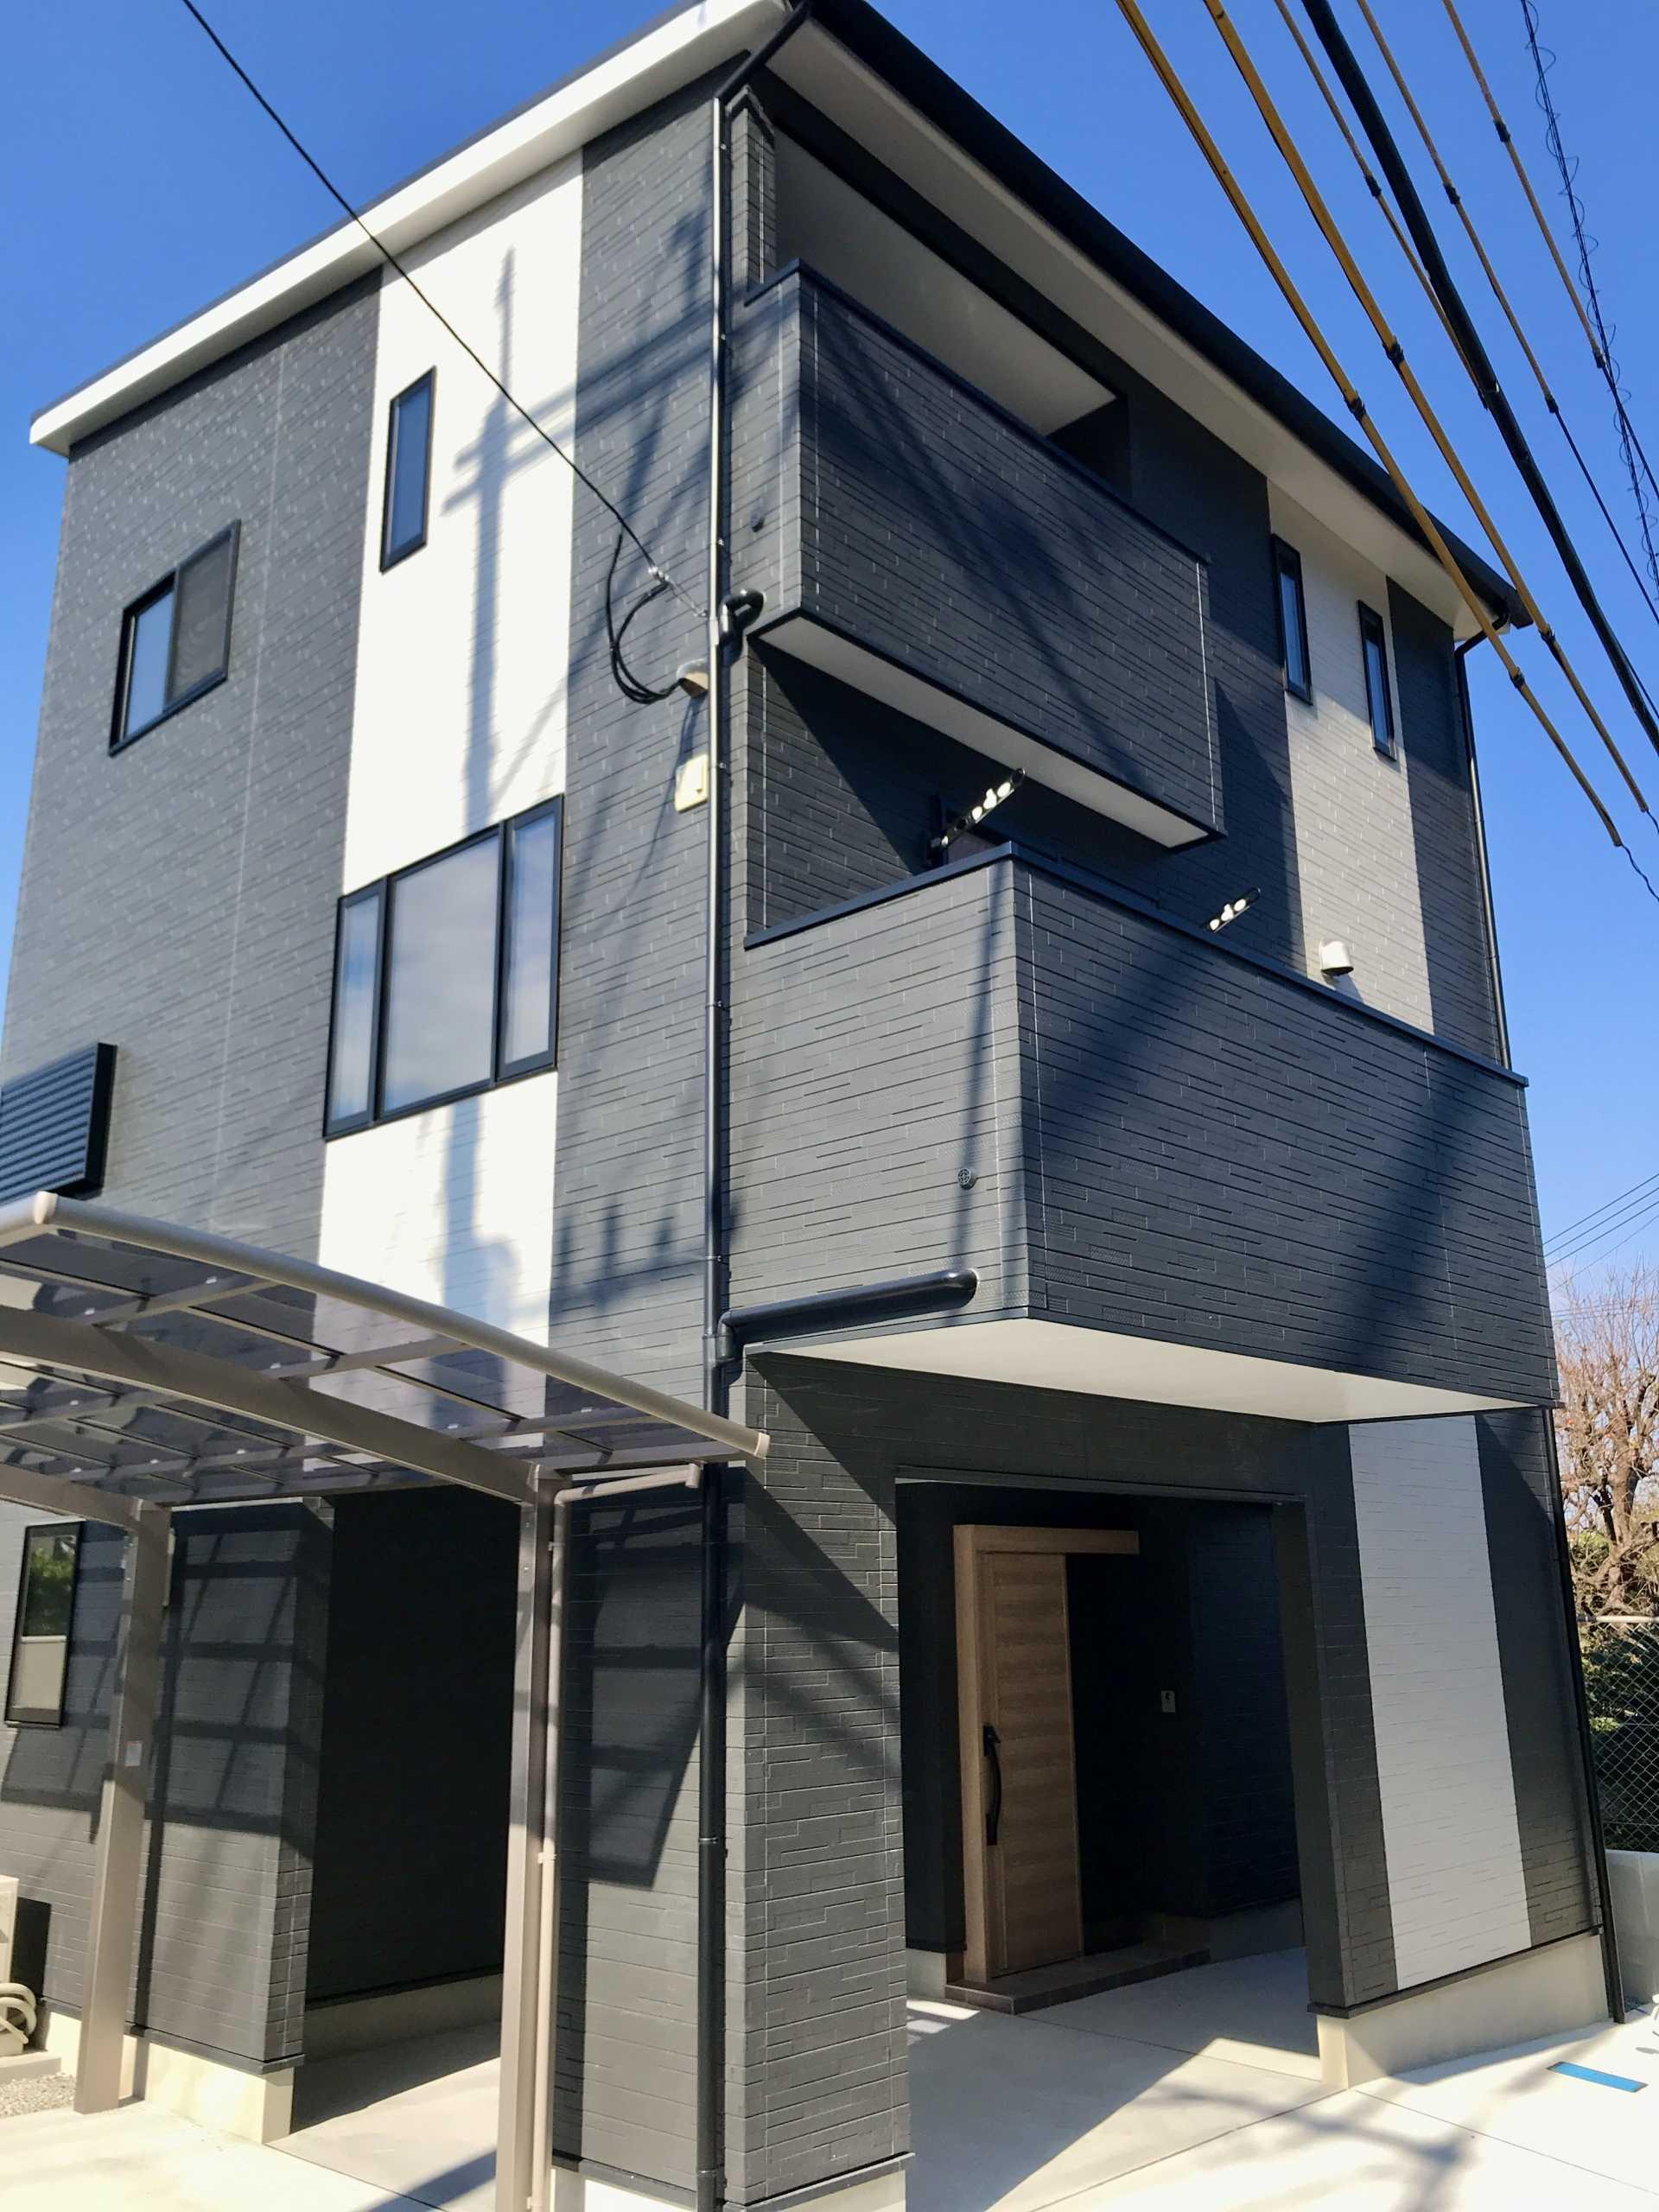 売戸建住宅「和田2丁目」